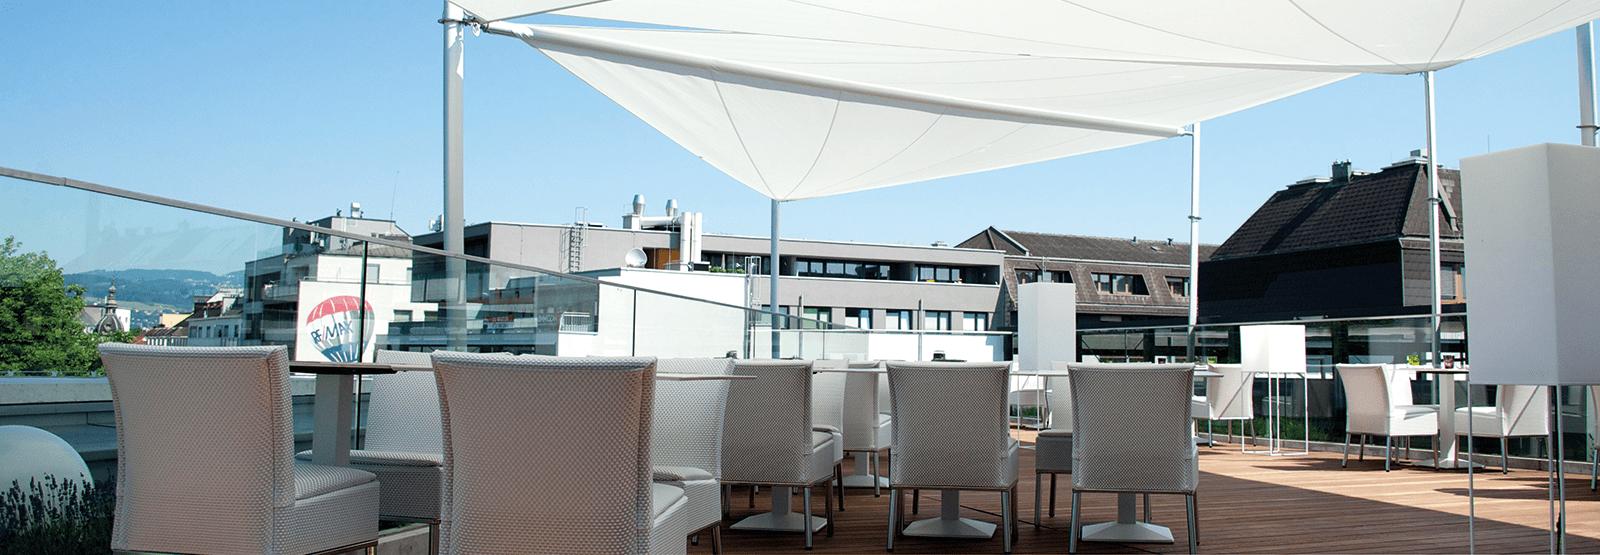 Eine möblierte Dachterrasse im Schatten eines Sonnensegels